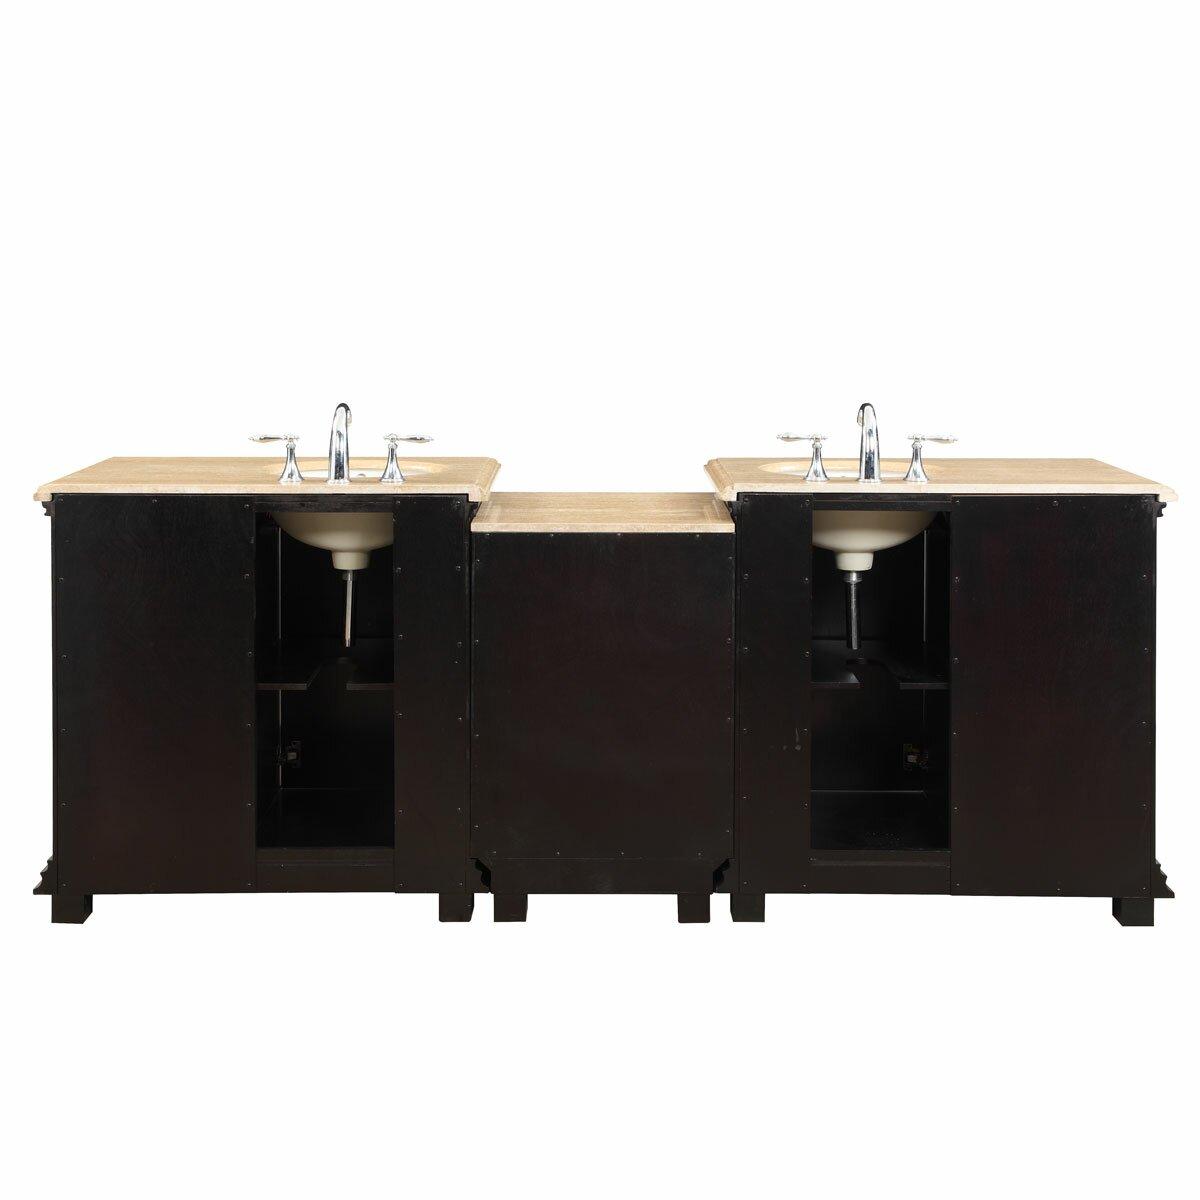 Silkroad Exclusive 90 5 Double Sink Bathroom Modular Vanity Set Reviews Wayfair